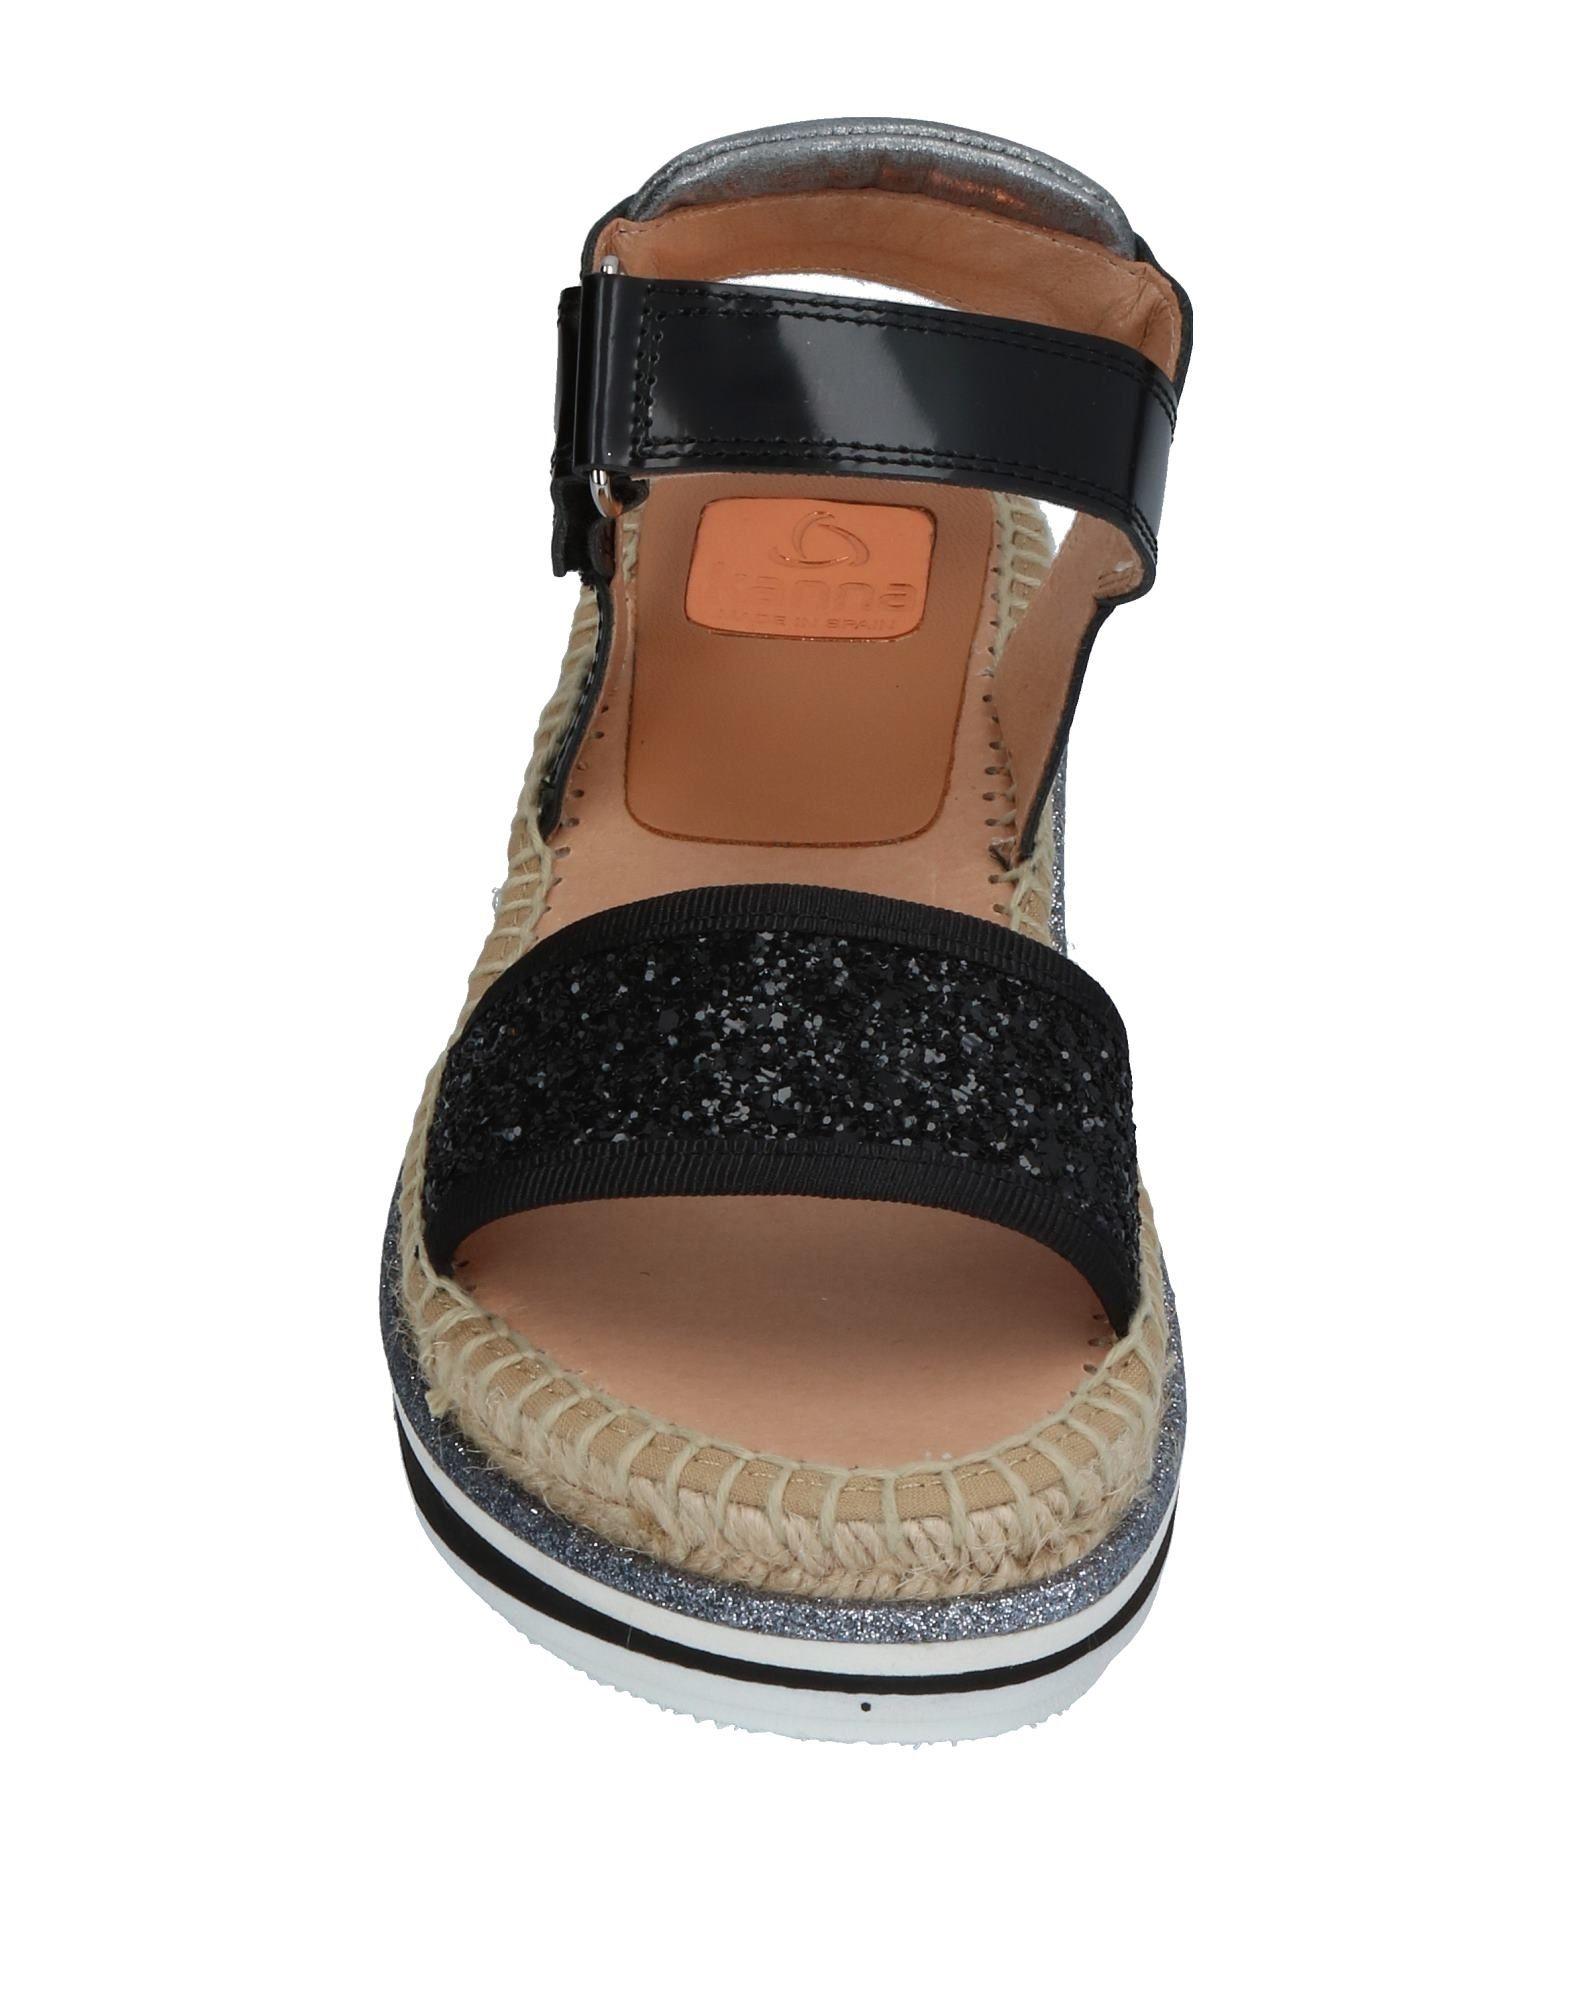 Kanna Sandalen Qualität Damen  11405682VD Gute Qualität Sandalen beliebte Schuhe c66b66